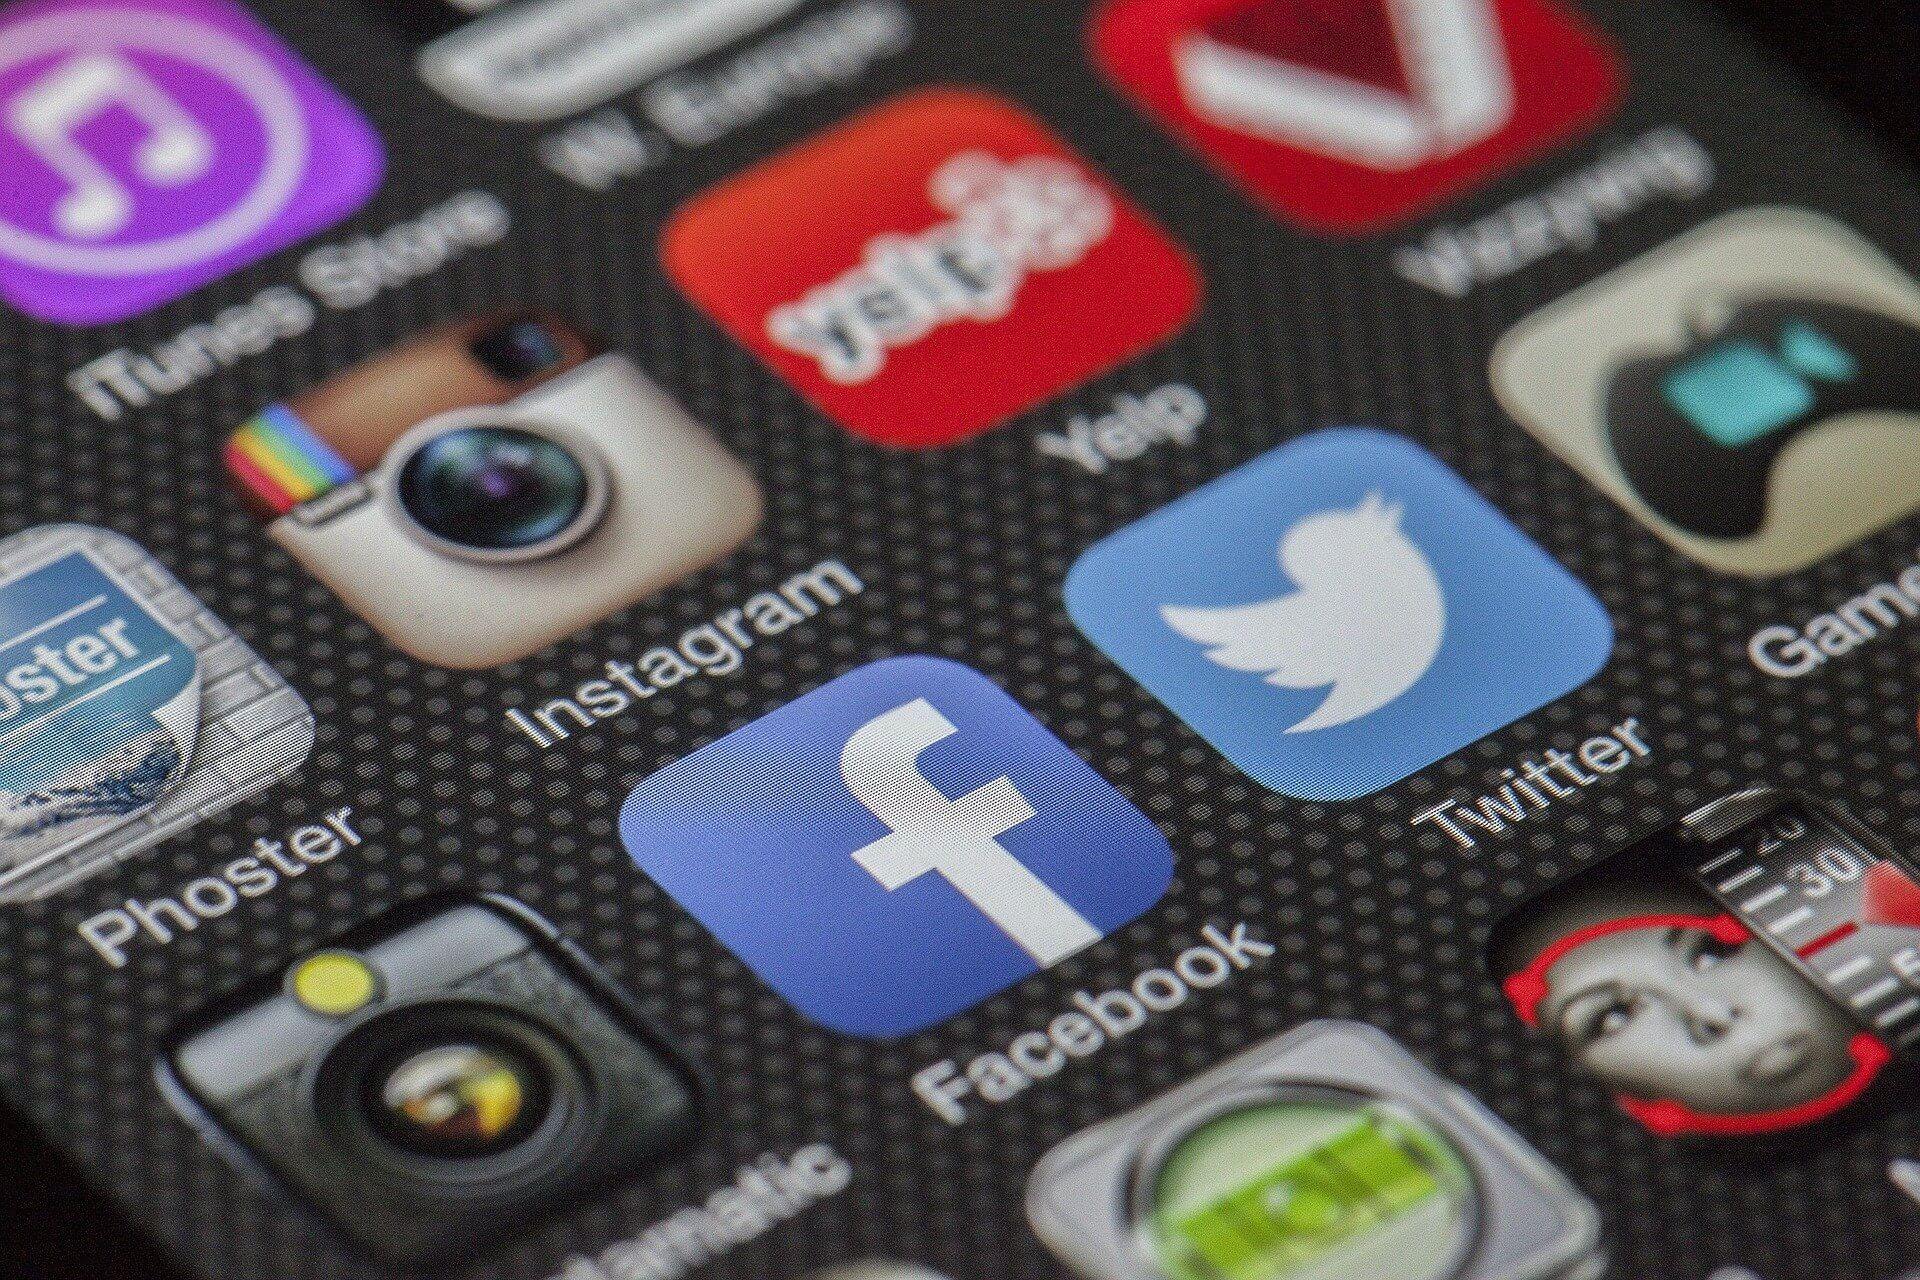 exclusão indevida de conta de rede social - foto de uma tela de celular, contendo os ícones de diversas redes sociais